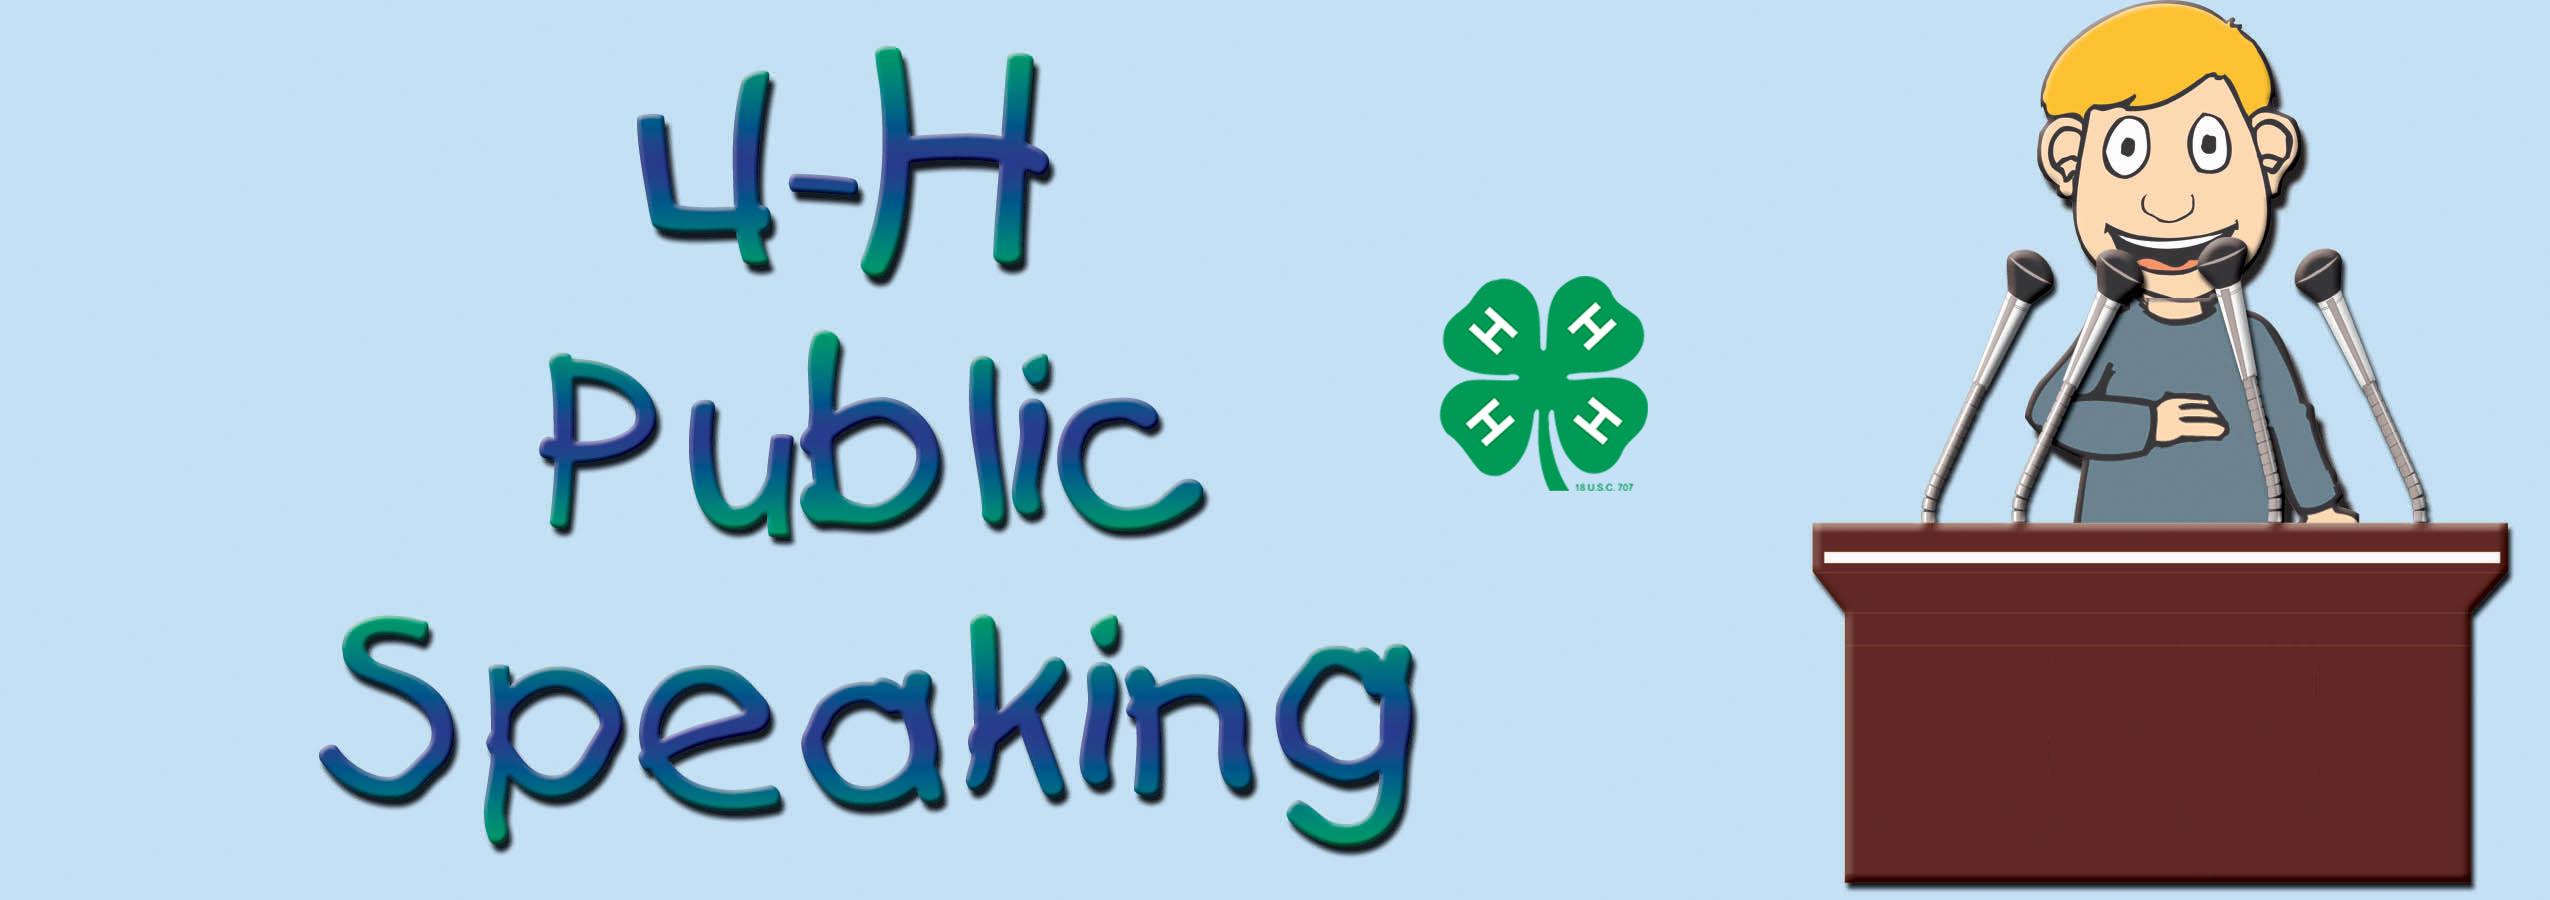 Public Speaking Clip Art ».